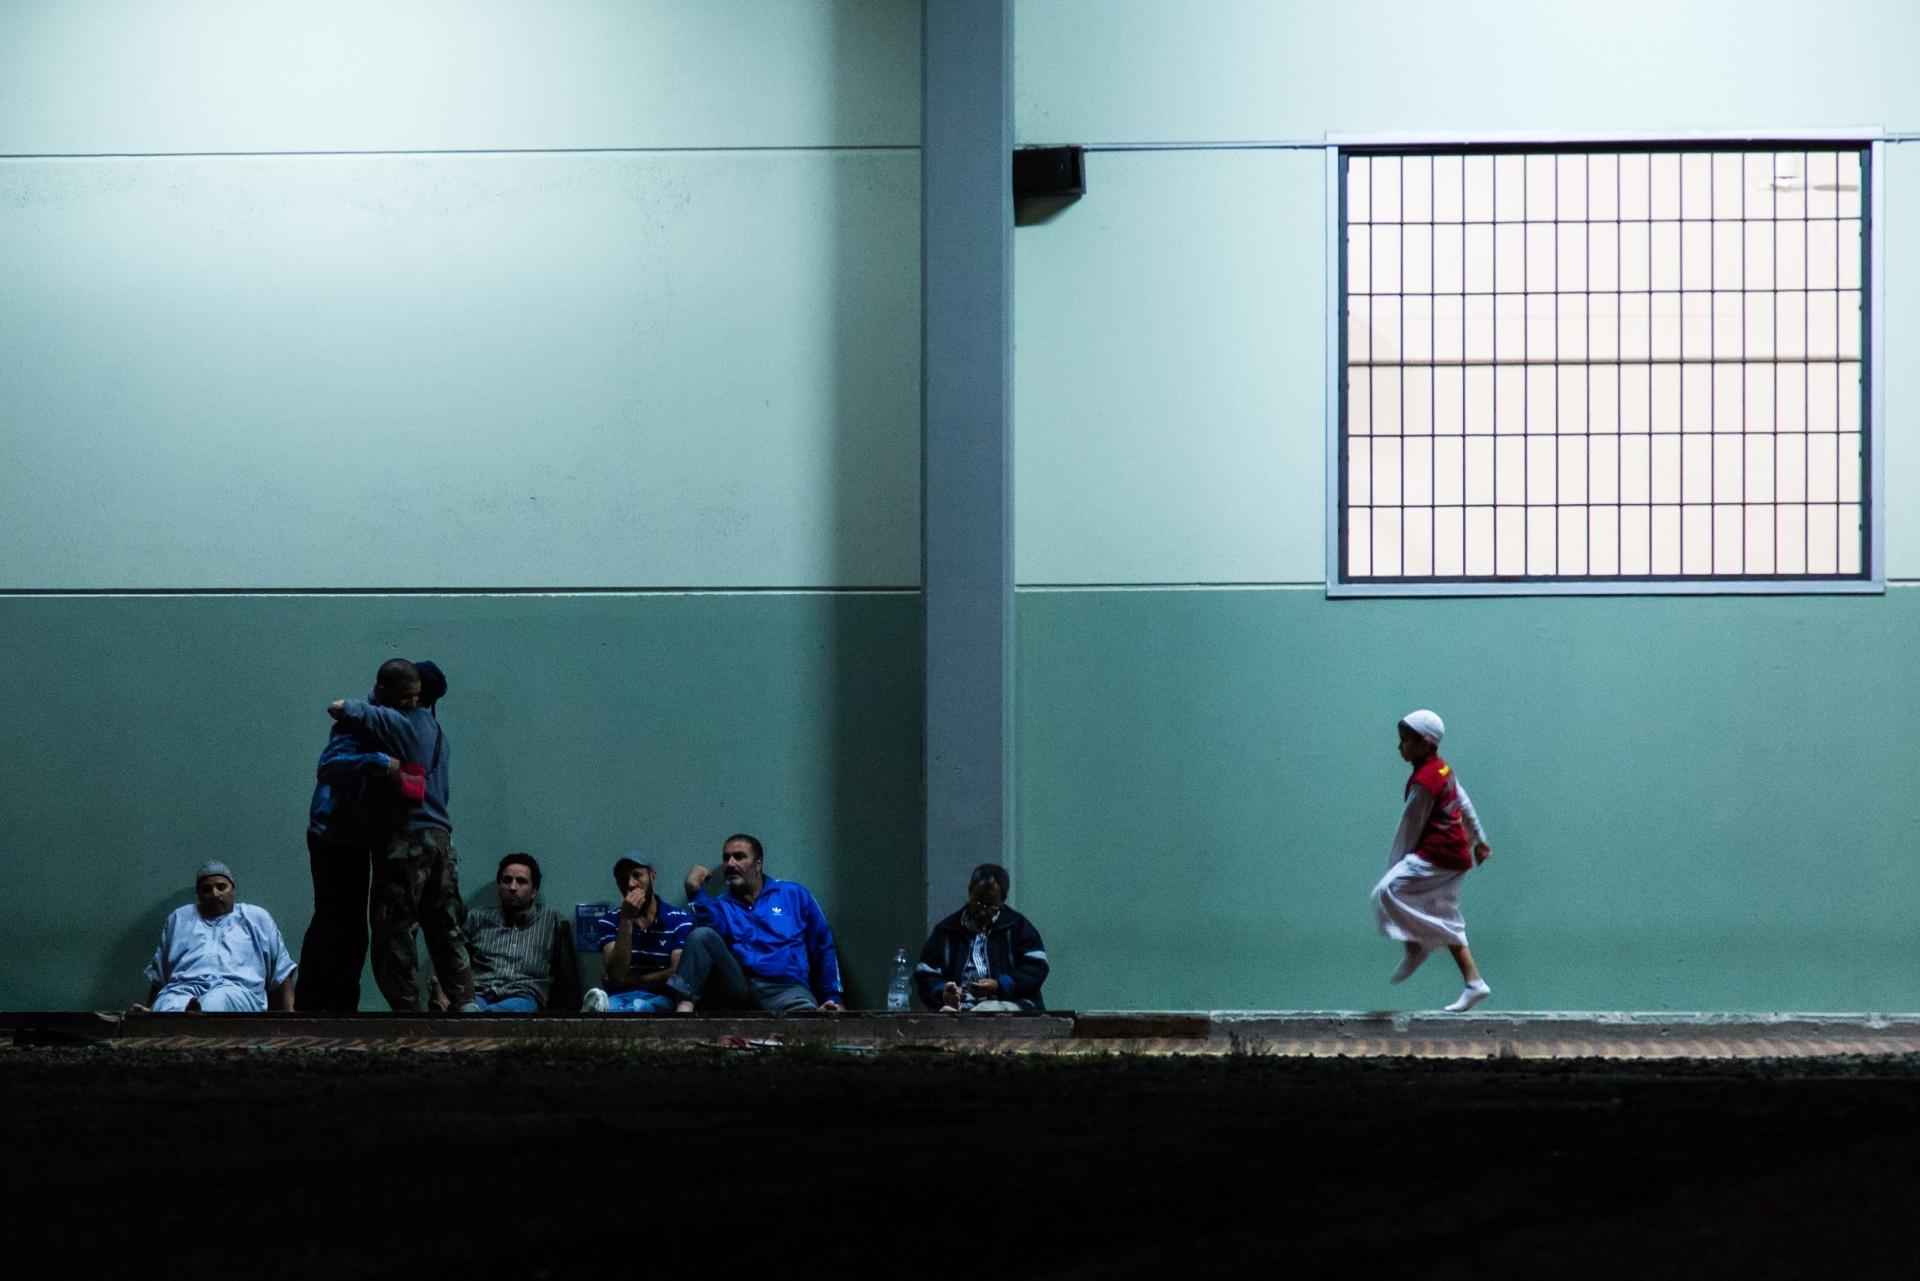 La Comunità Musulmana a Bologna, Progetto fotografico sulla Comunità Musulmana a Bologna per avvicinarsi alla cultura e alla religione musulmana attraverso un percorso che ci porta a osservare alcuni momenti della